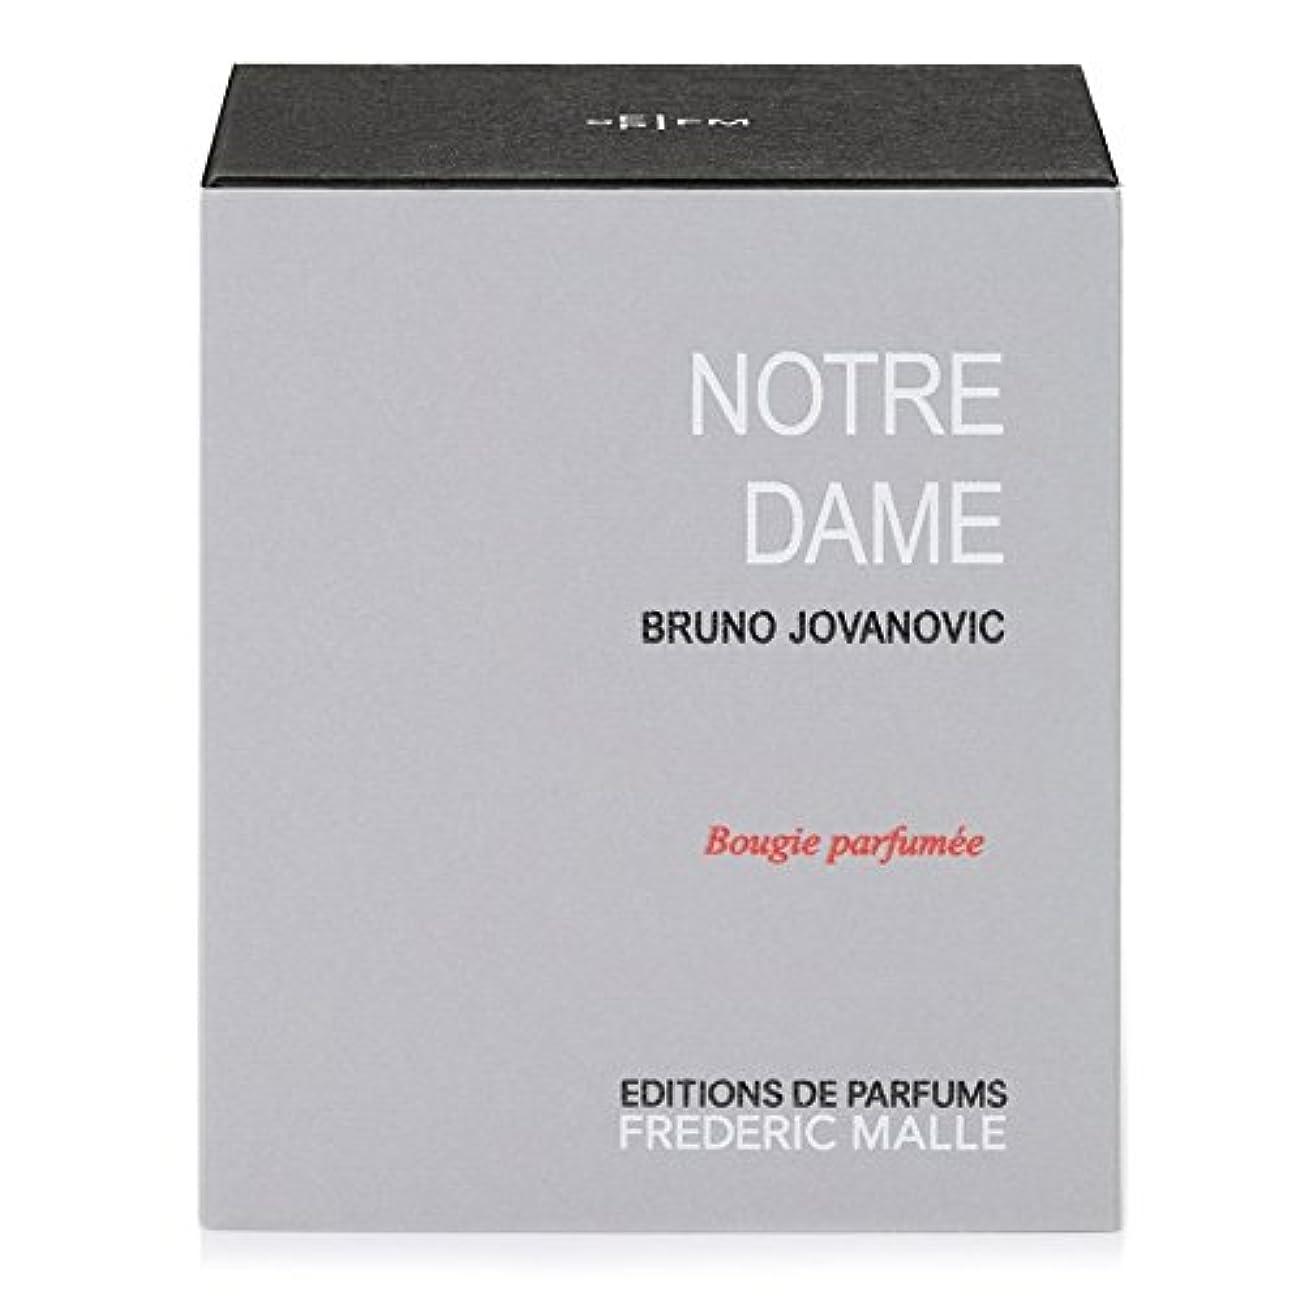 承認する降雨周りFrederic Malle Notre Dame Scented Candle 220g - フレデリック?マルノートルダム香りのキャンドル220グラム [並行輸入品]